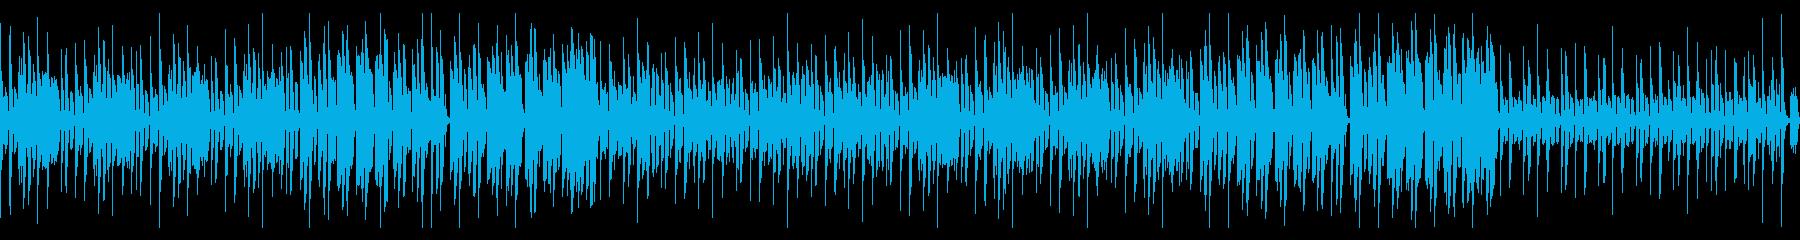 コミカルで可愛らしいゲーム系のBGMの再生済みの波形